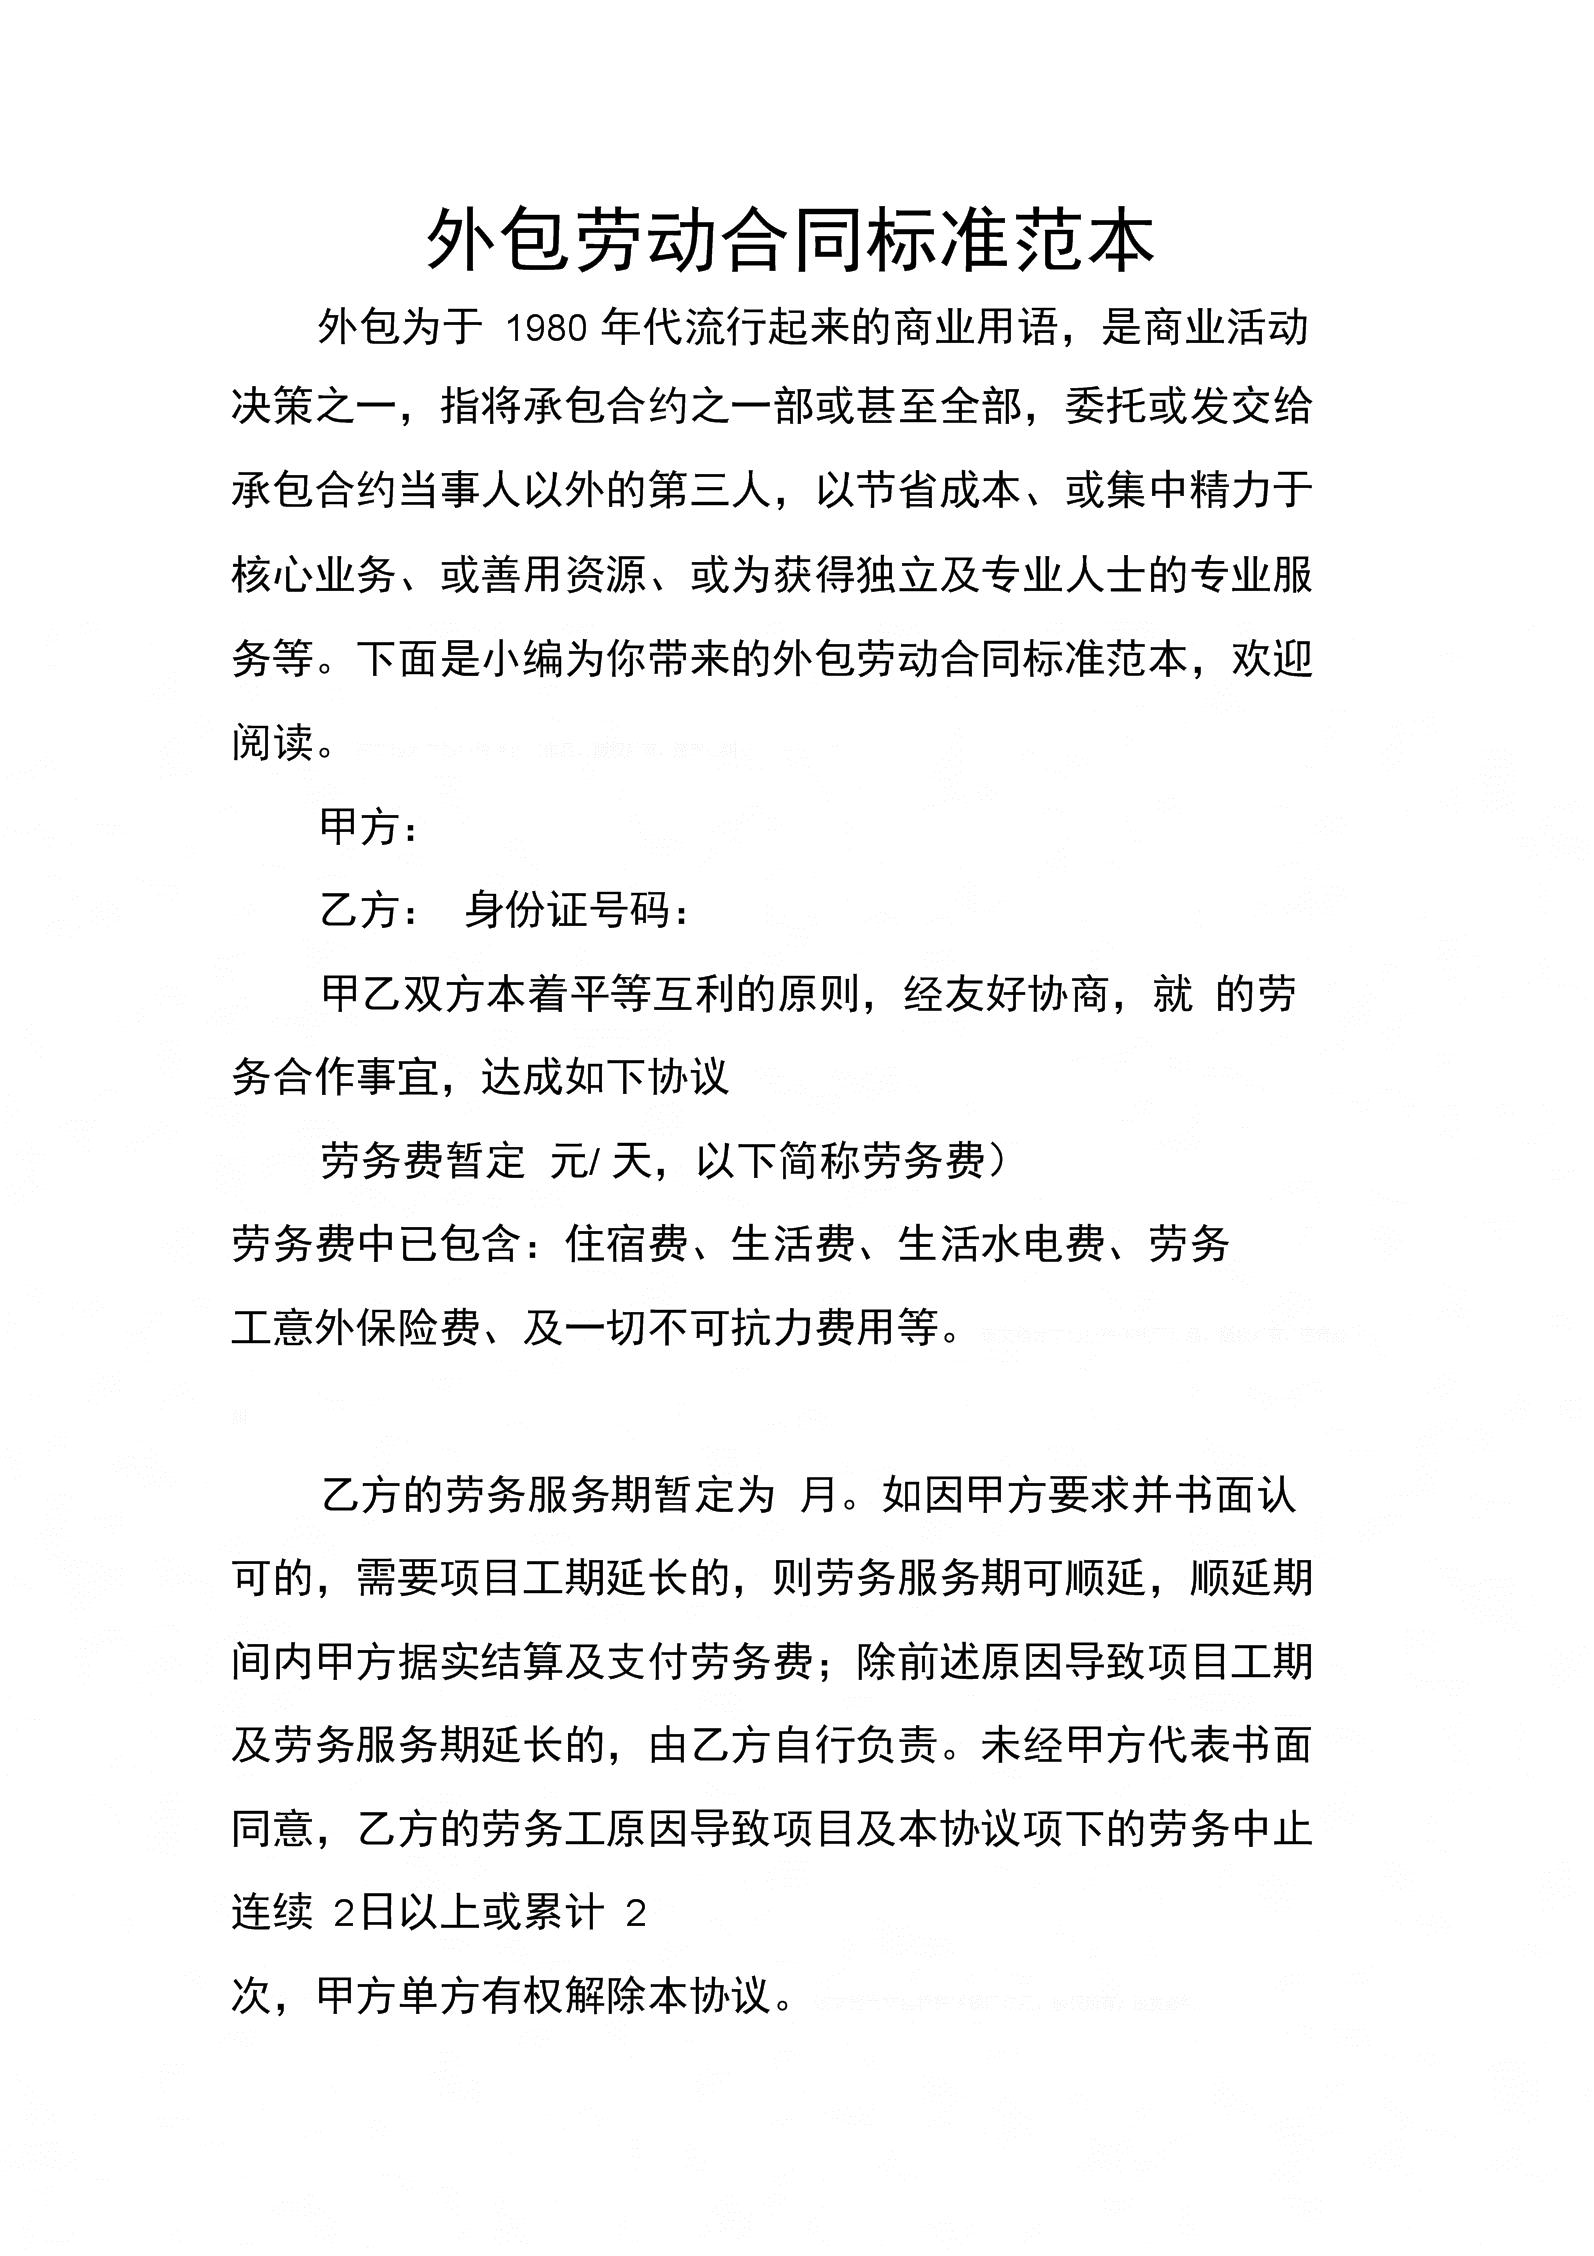 外包劳动合同标准范本.docx